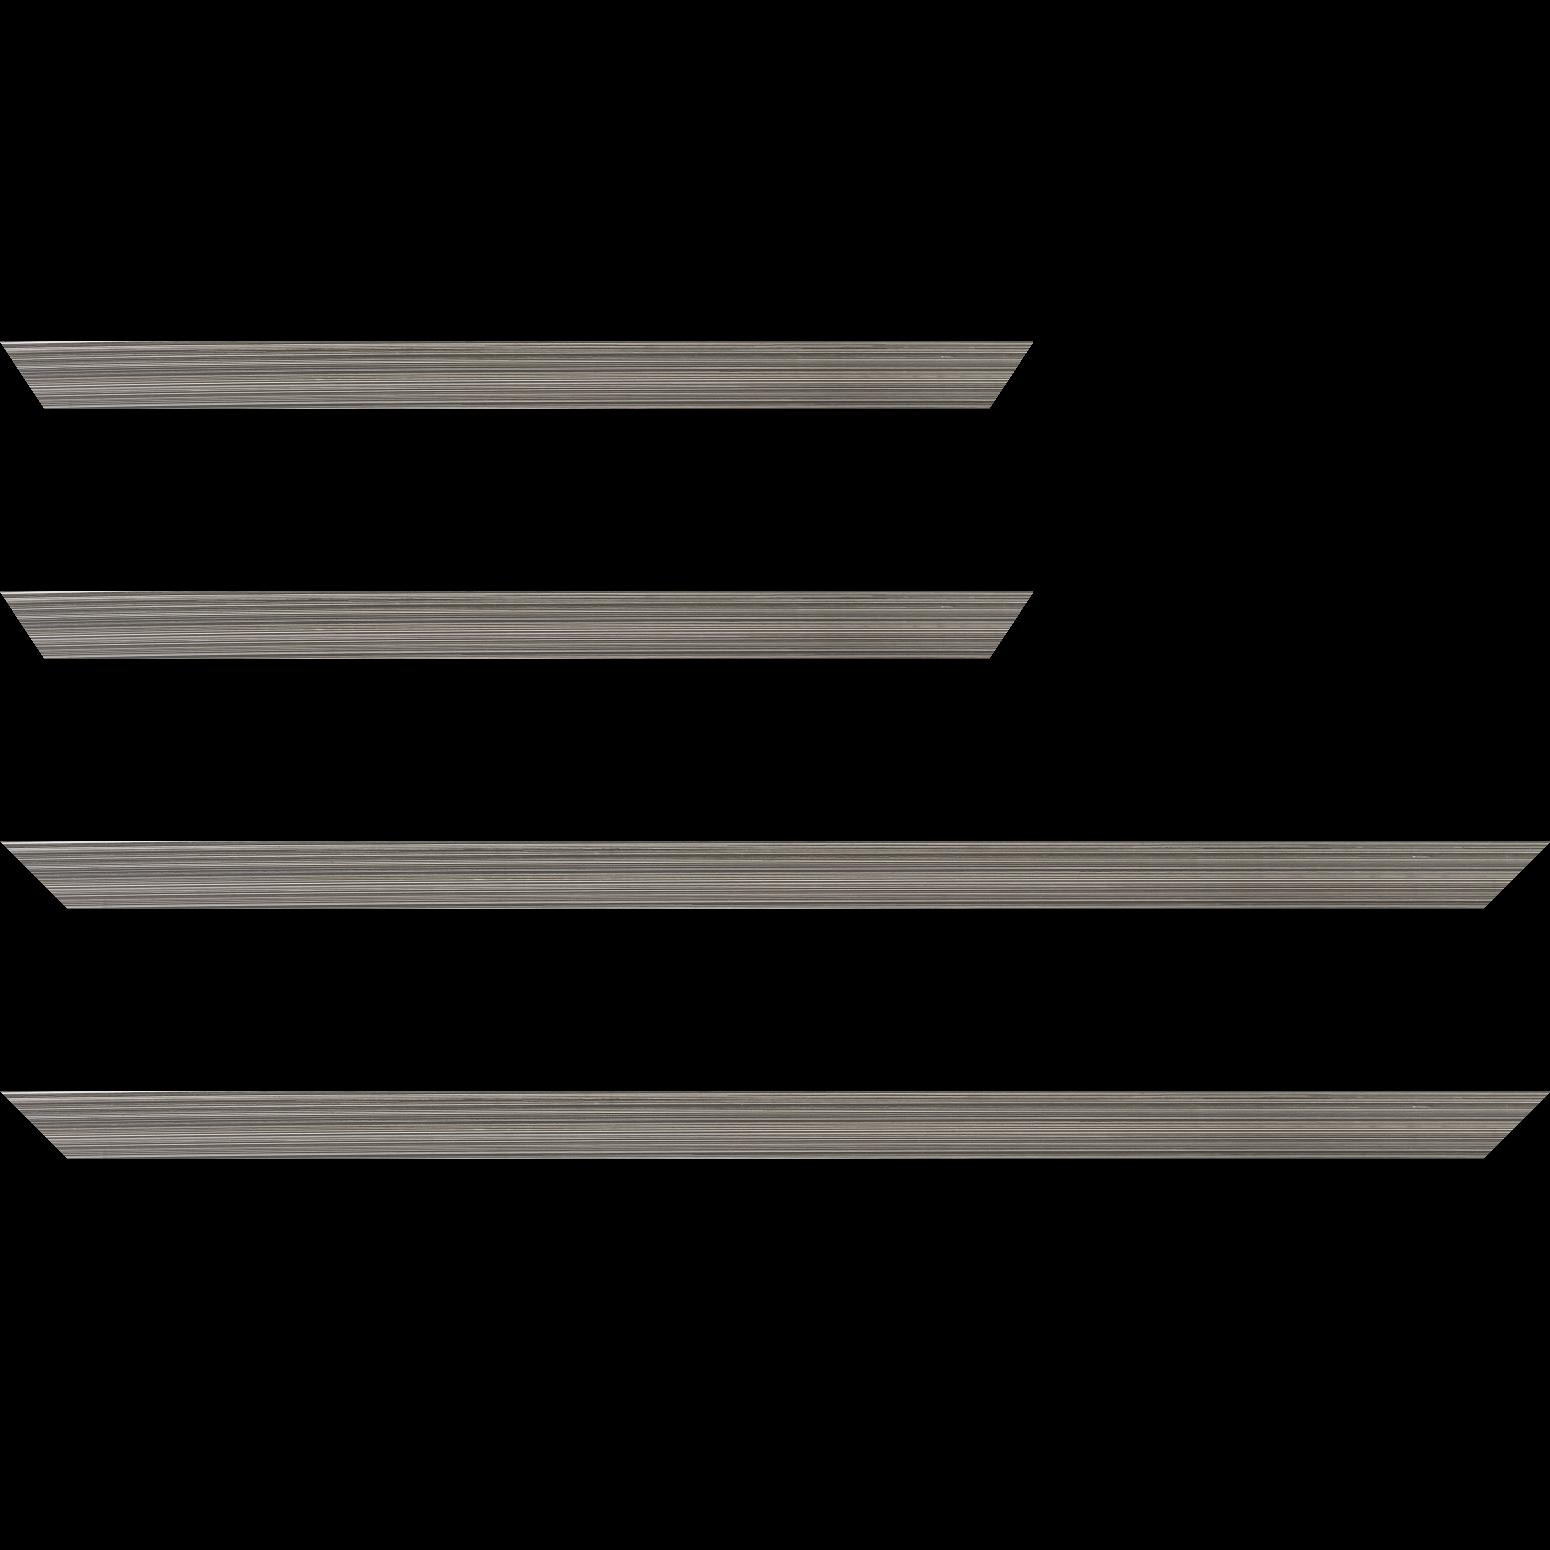 Baguette service précoupé Bois profil concave largeur 2.4cm couleur gris effet matière fond blanc